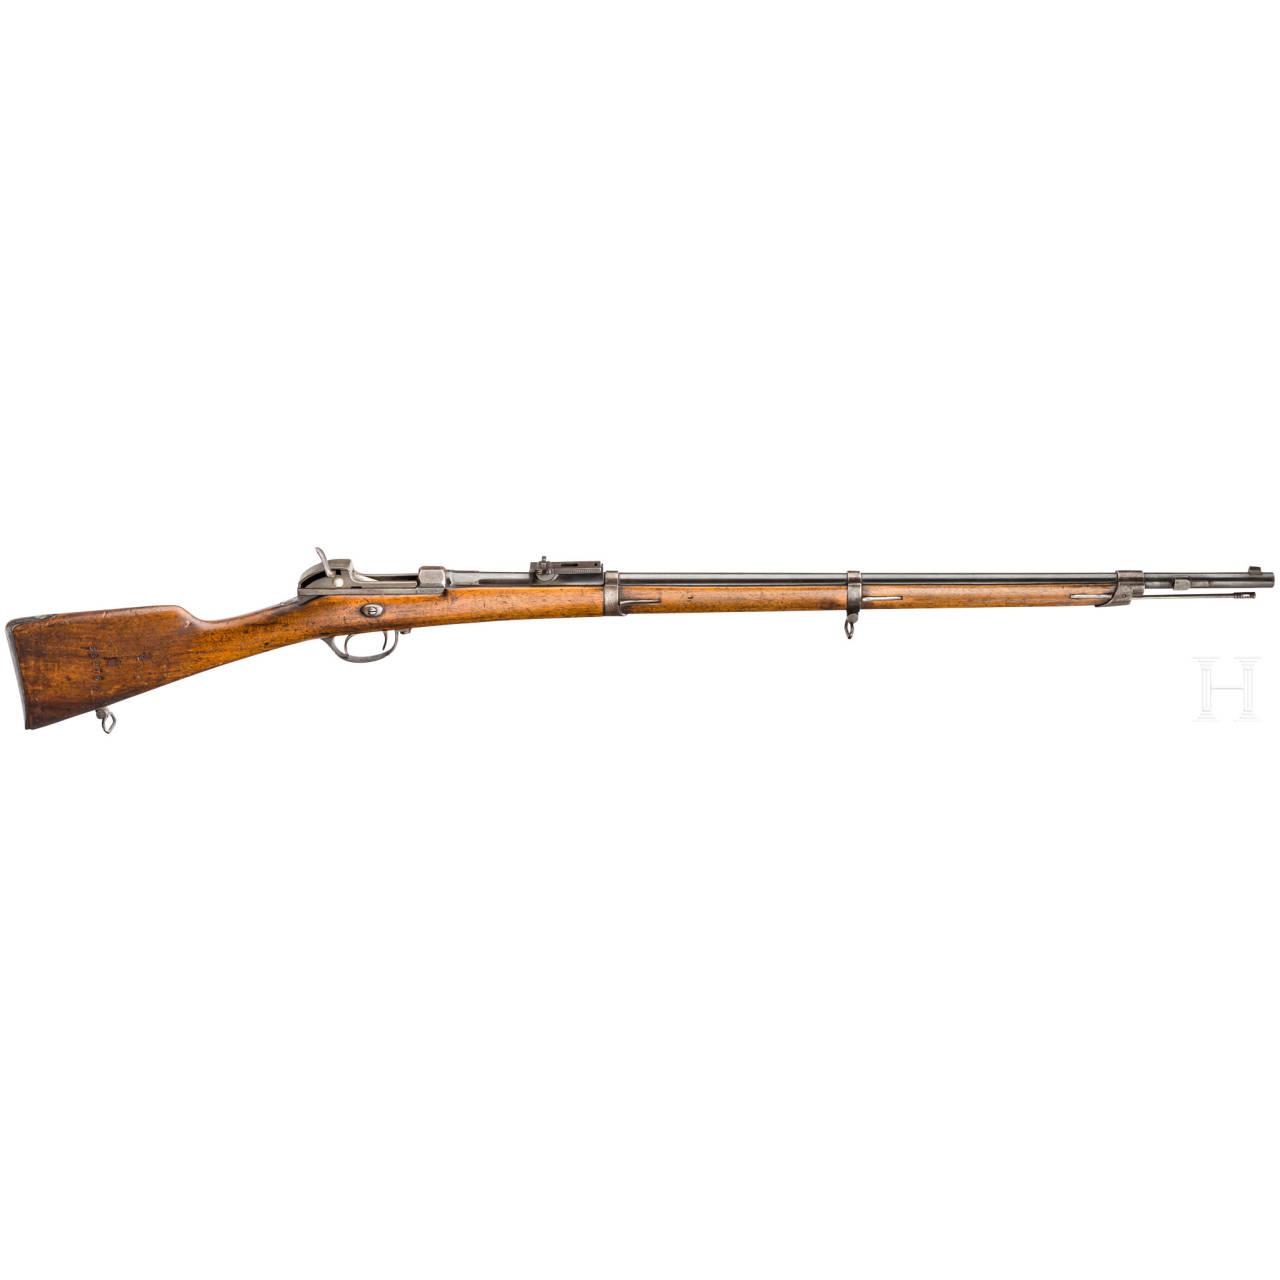 Gewehr Werder M/69, V.C.S. Suhl, aptiert